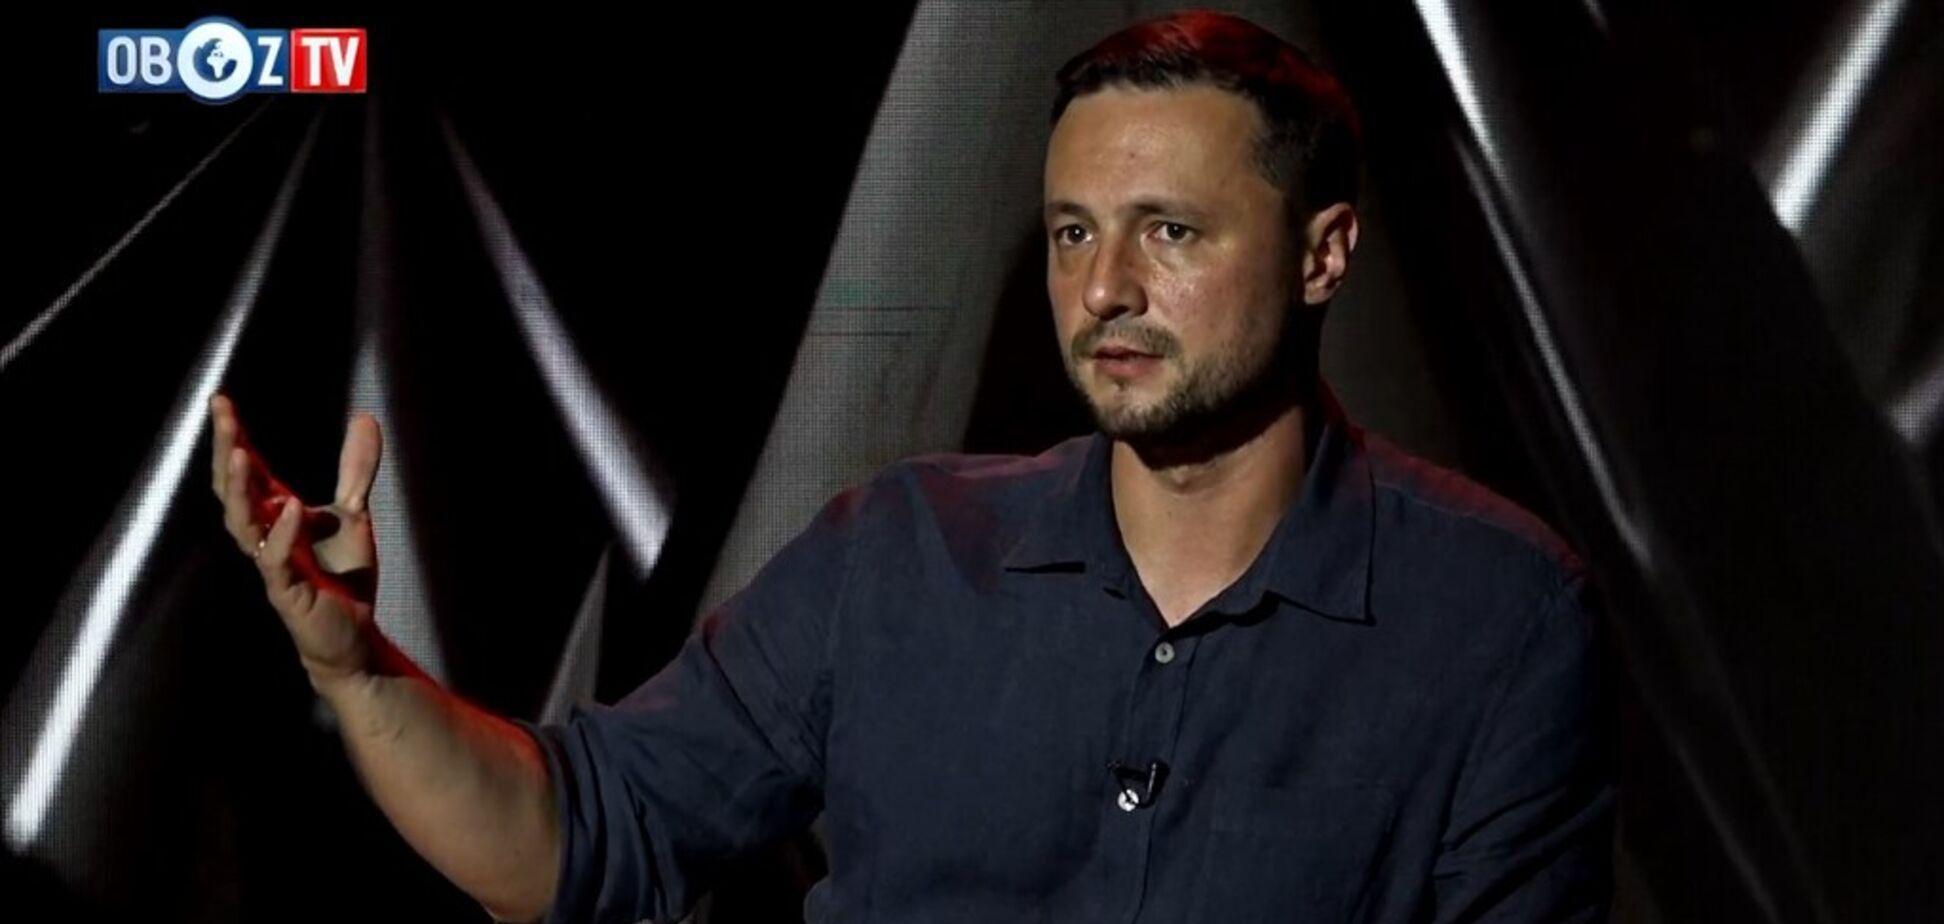 'Человек из плоти и крови': участник АТО озвучил ожидания от встречи Зеленского с Путиным